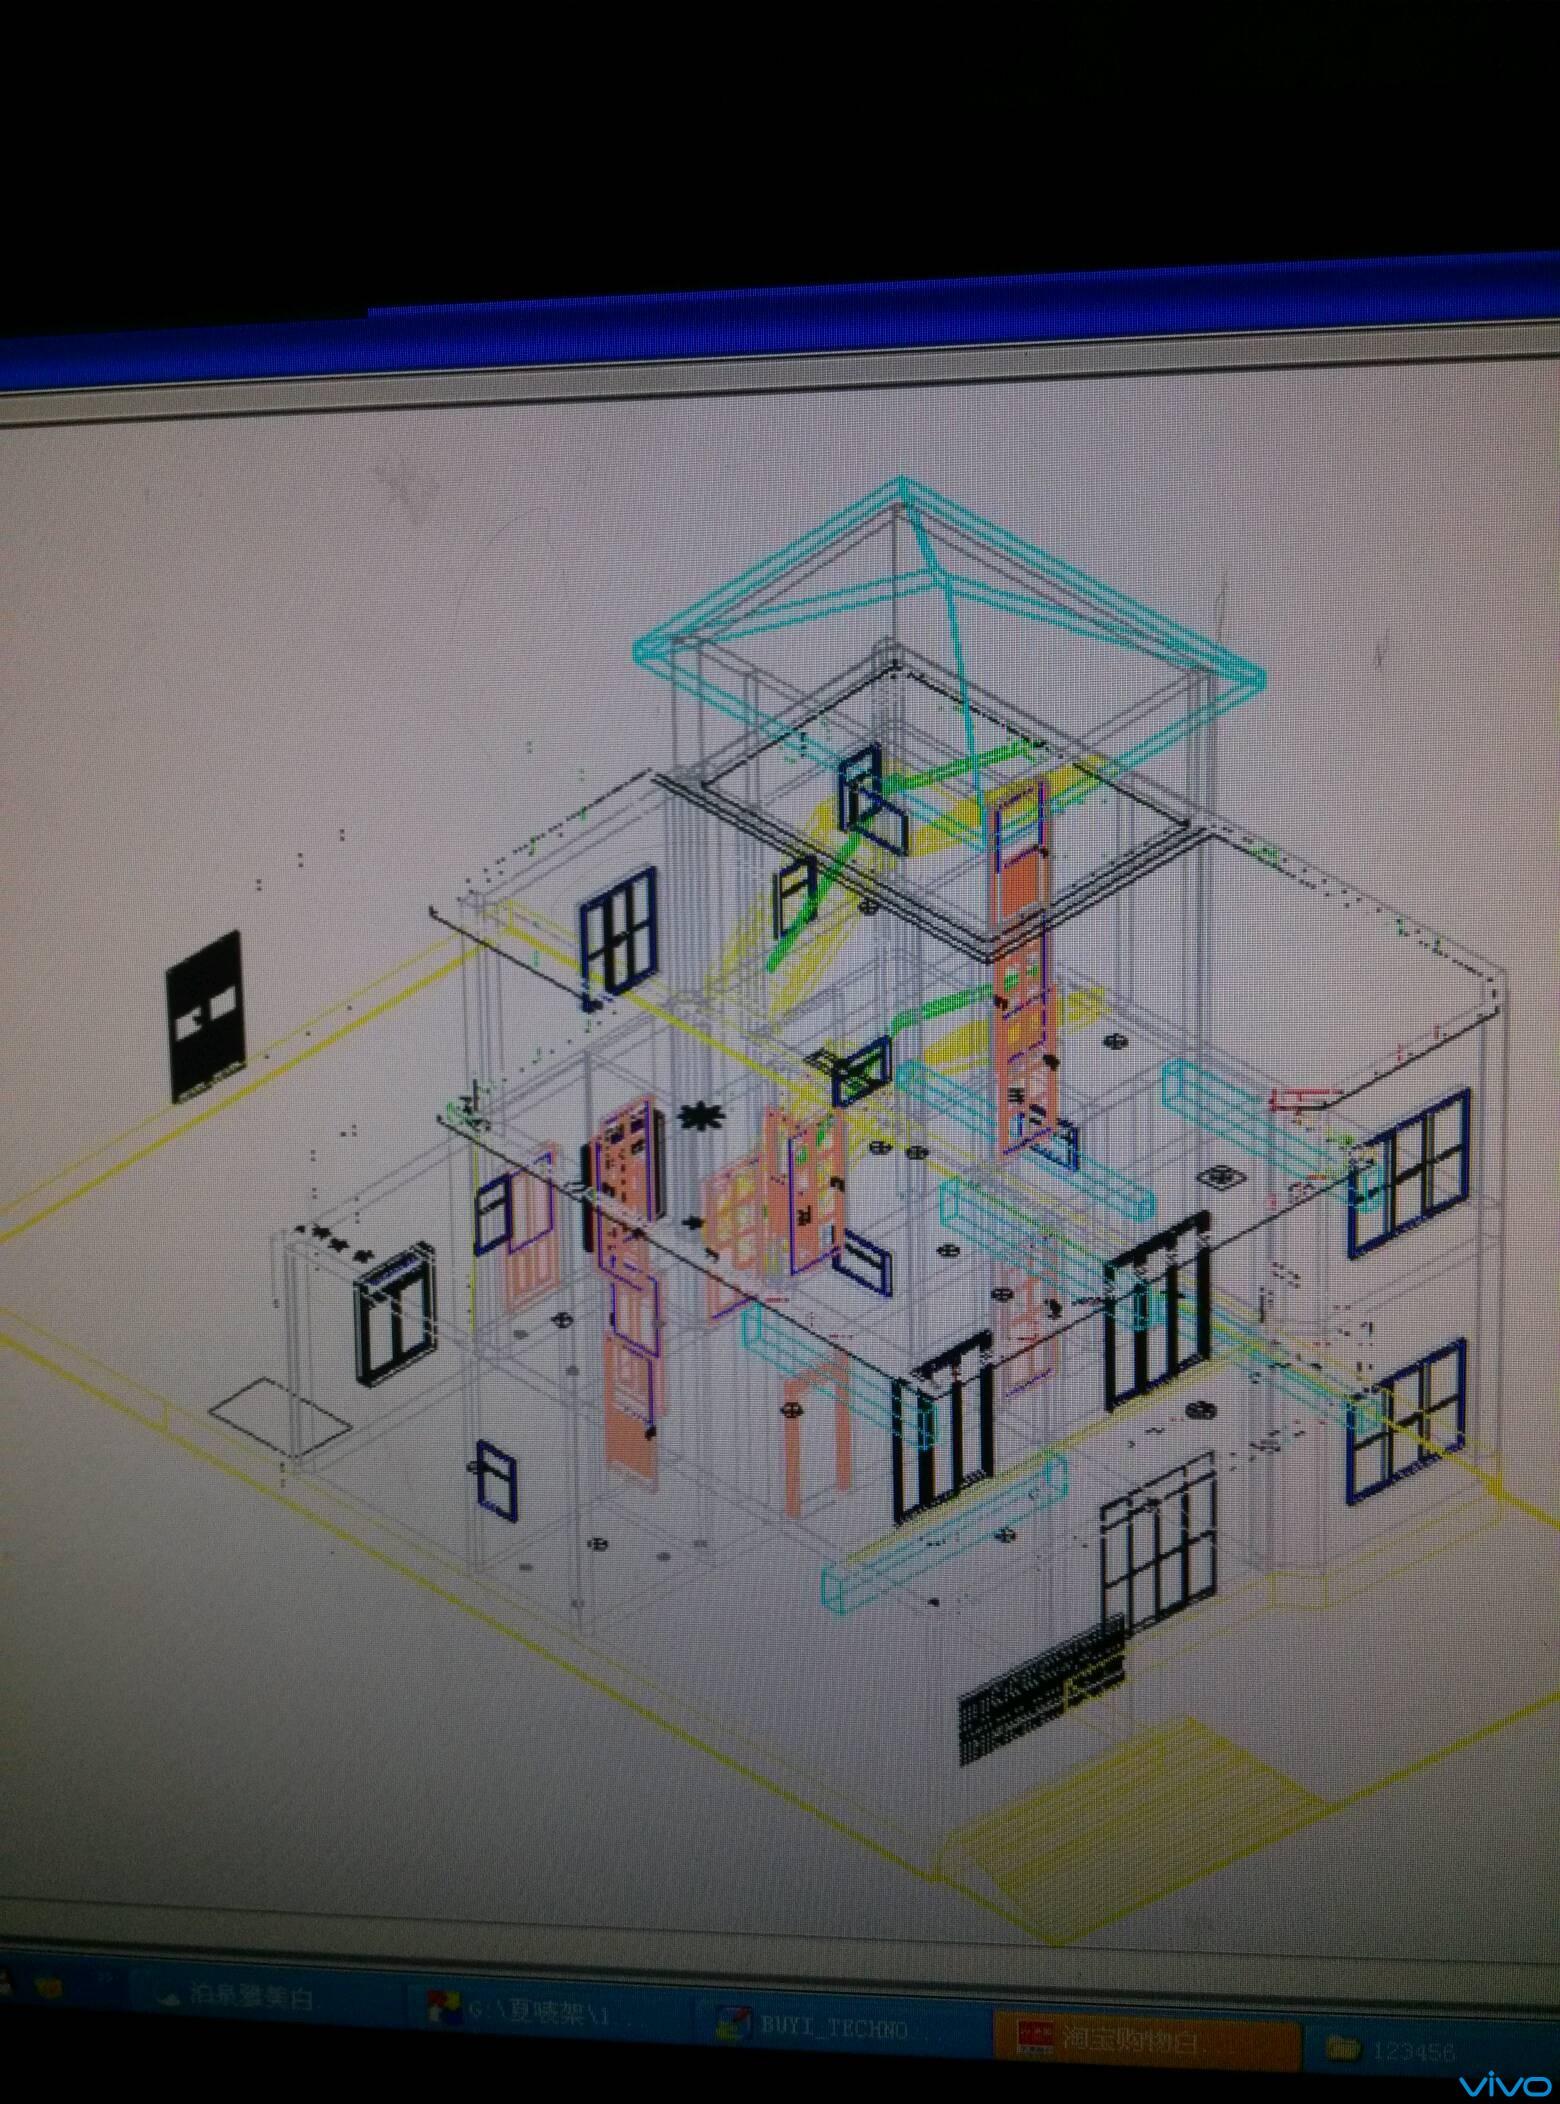 方舟反应堆设计图展示